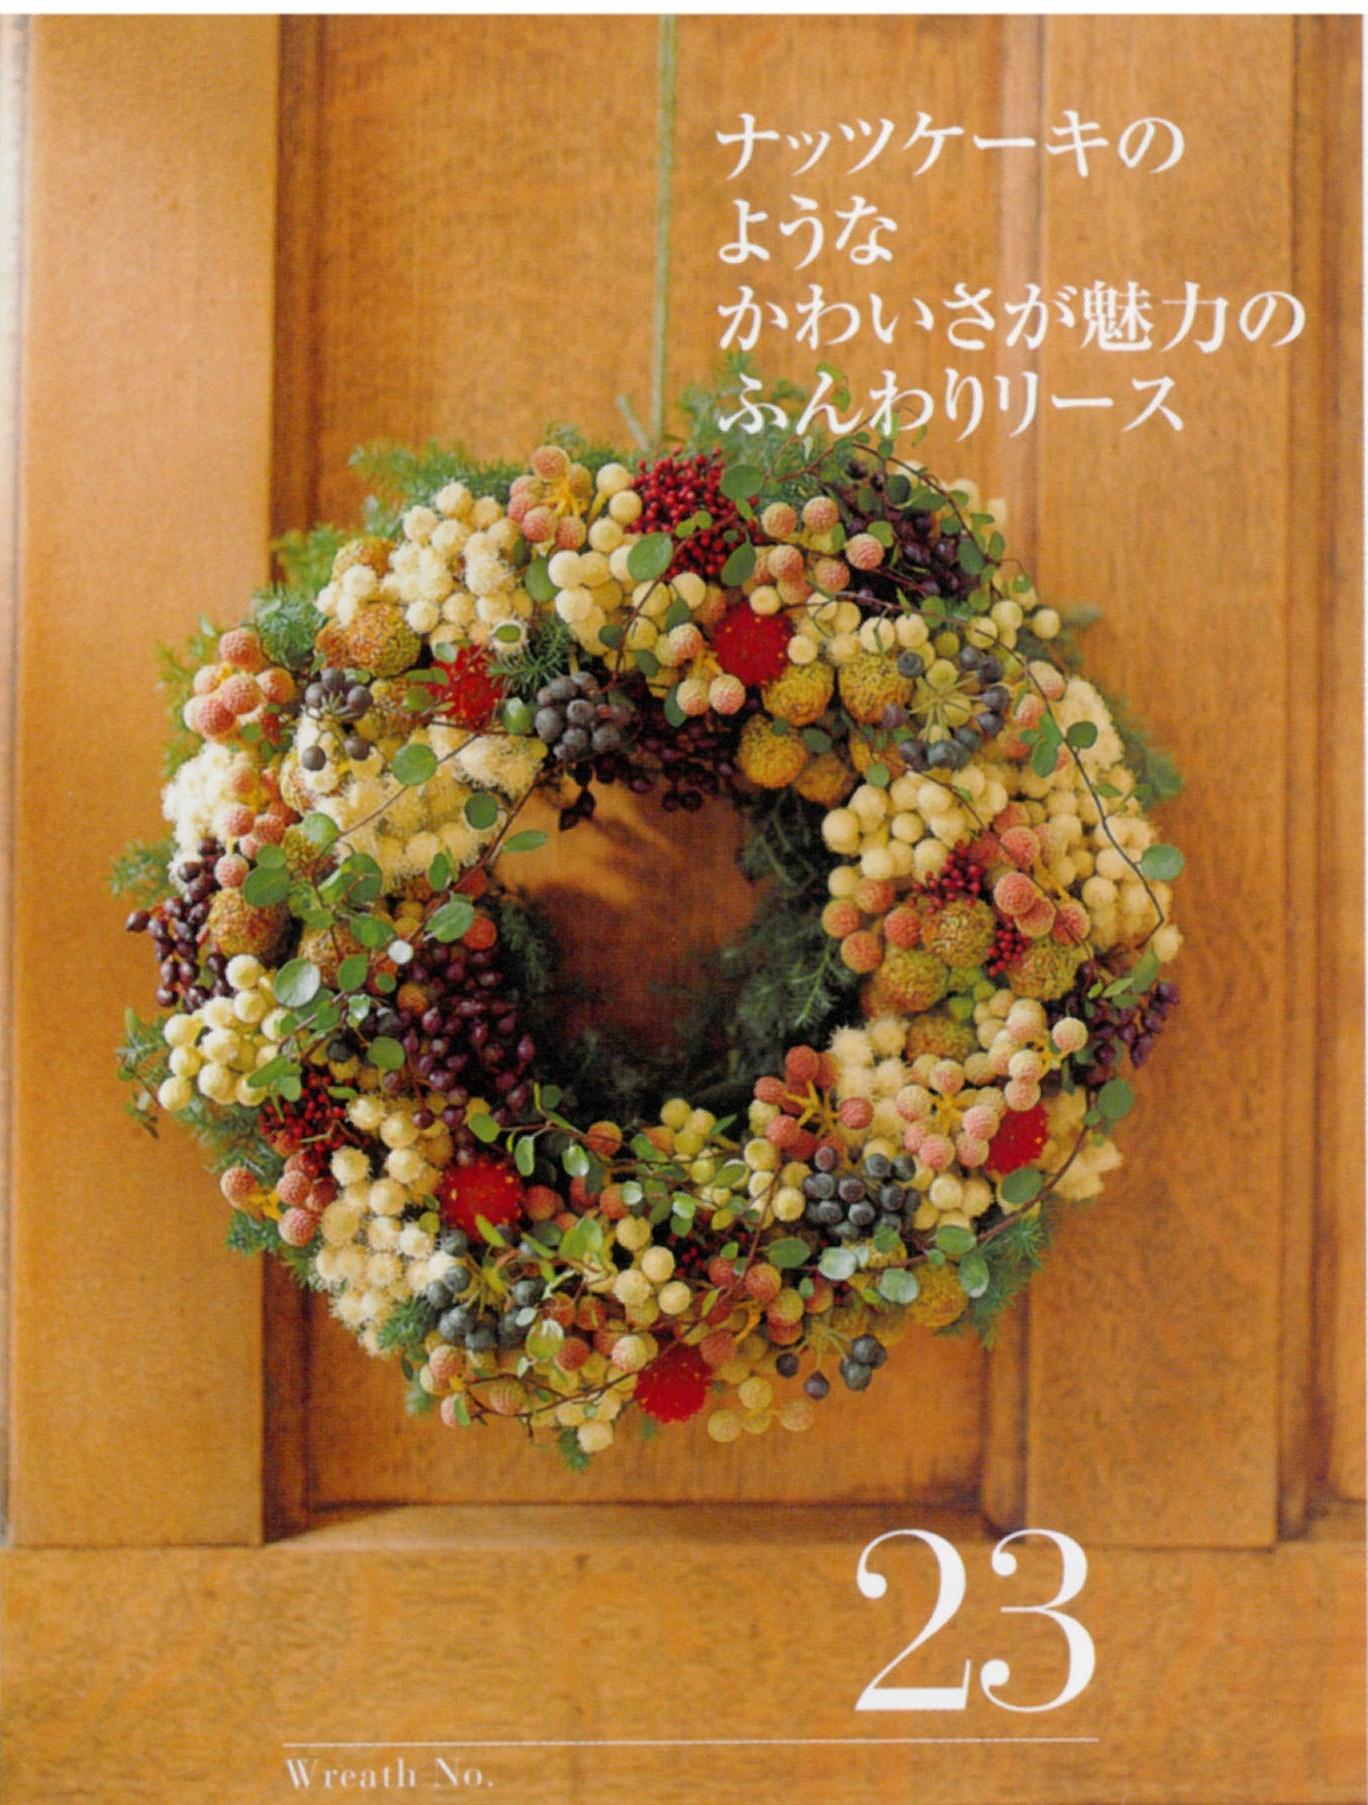 12月23日単発リースレッスンのお知らせ 花と実のリース_a0042928_17121979.jpg